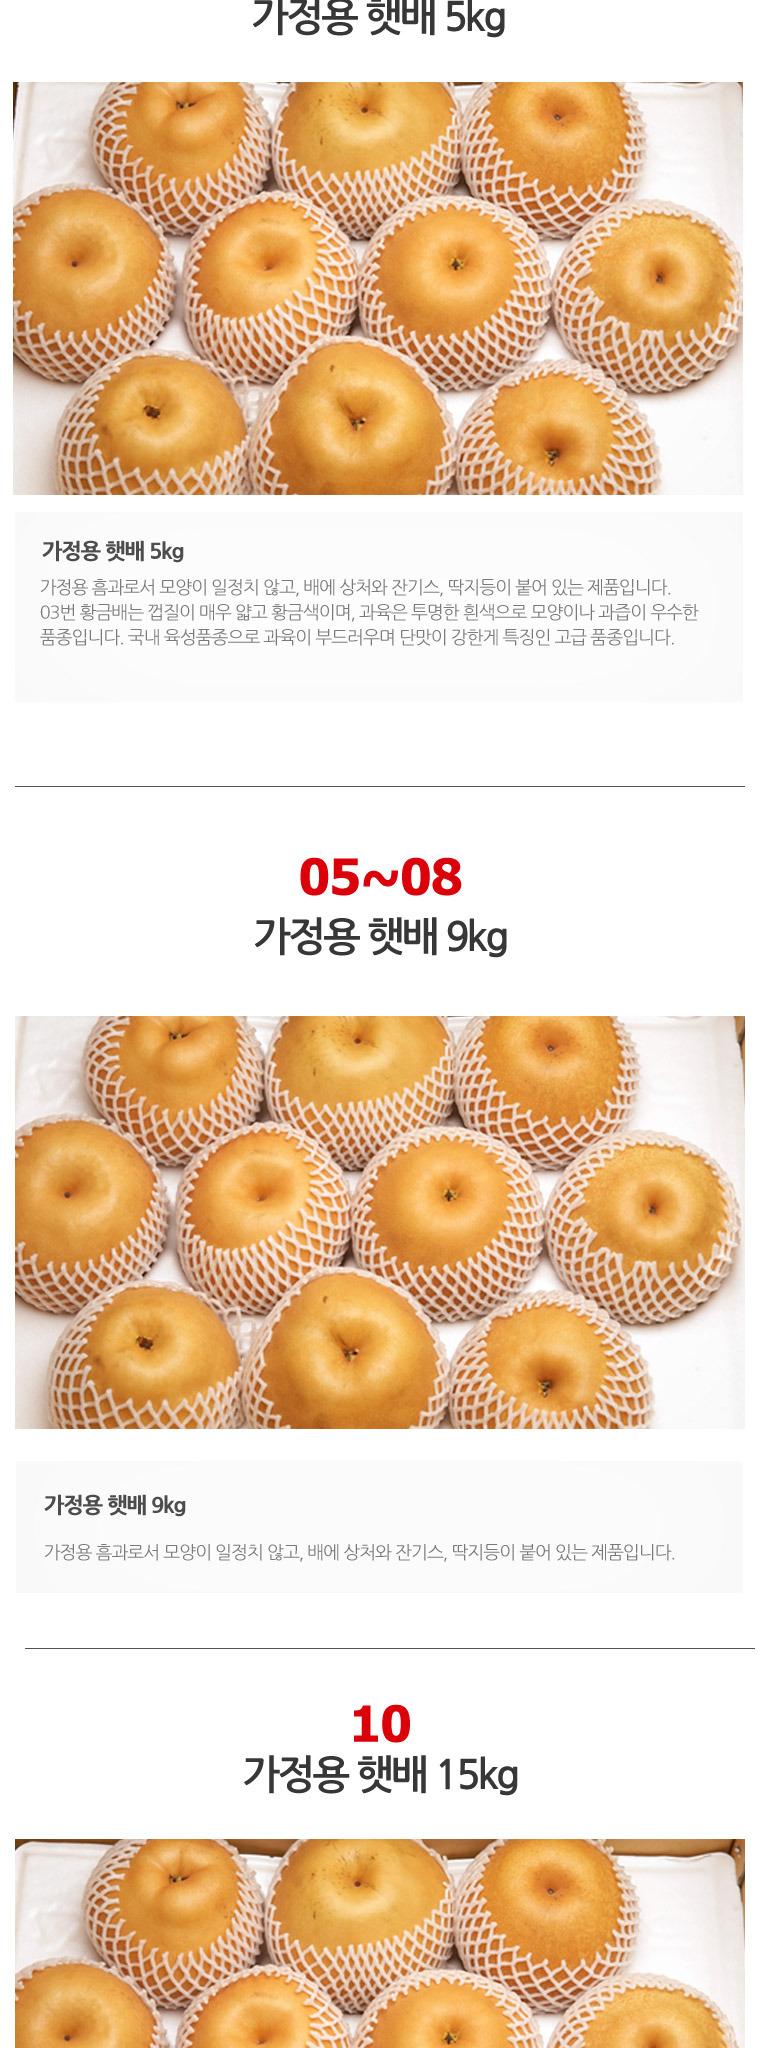 [먼지제로] 16년 햇 나주배10kg - 상세정보